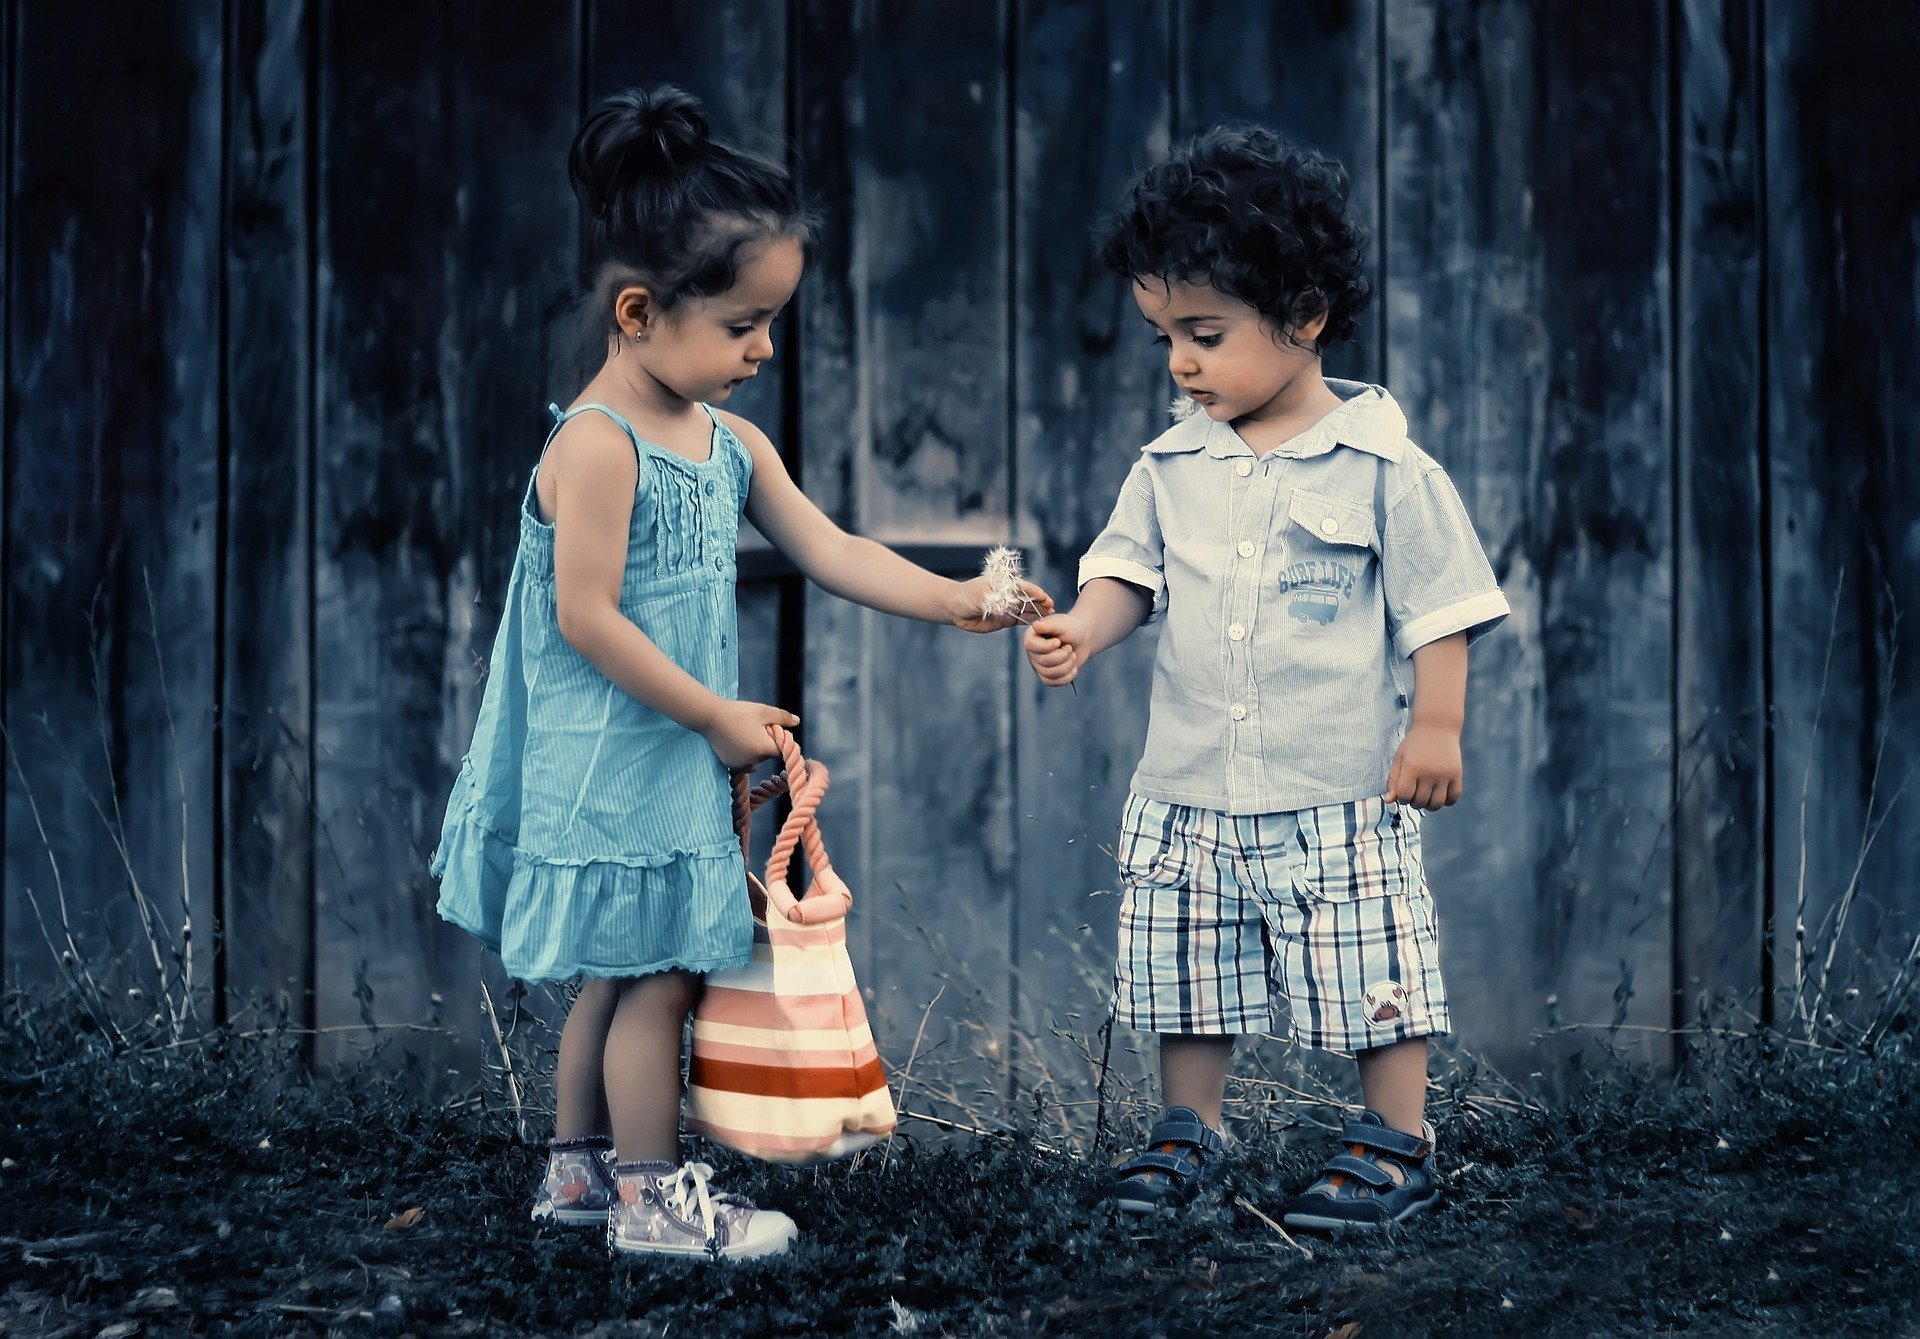 Kinder lieber Freunde, die reden wie Sie es tun